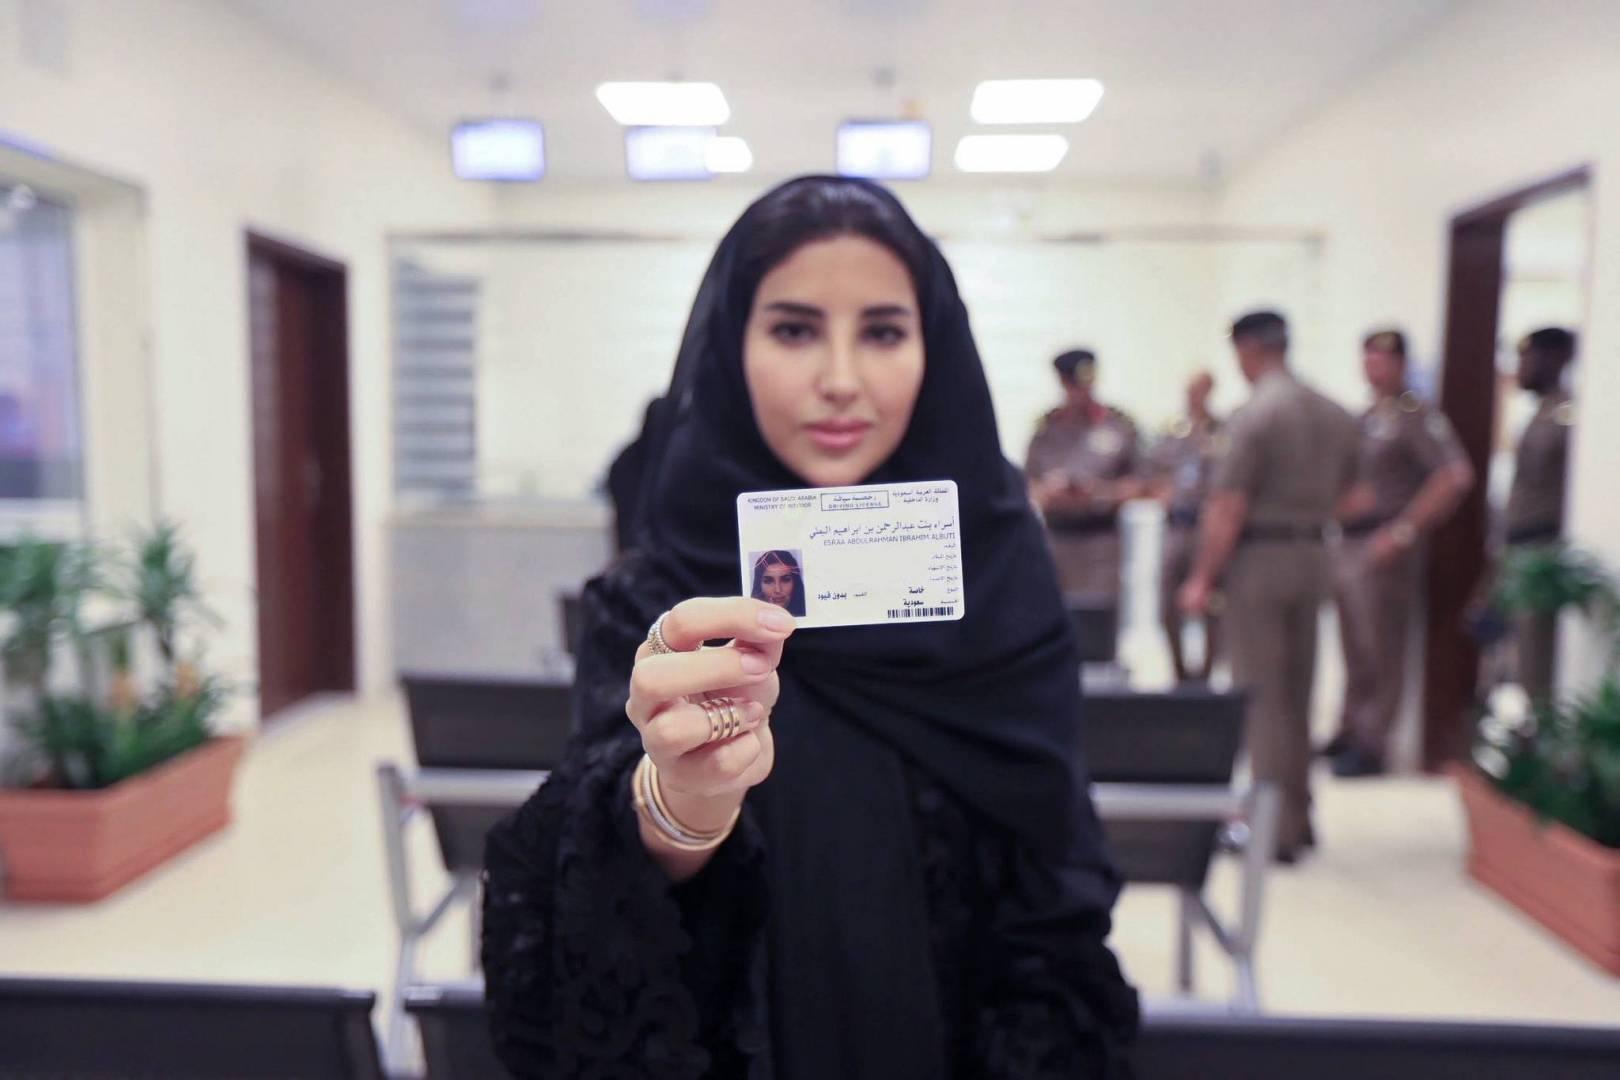 عربستان سعودی؛ صدور اولین گواهینامه رانندگی برای زنان